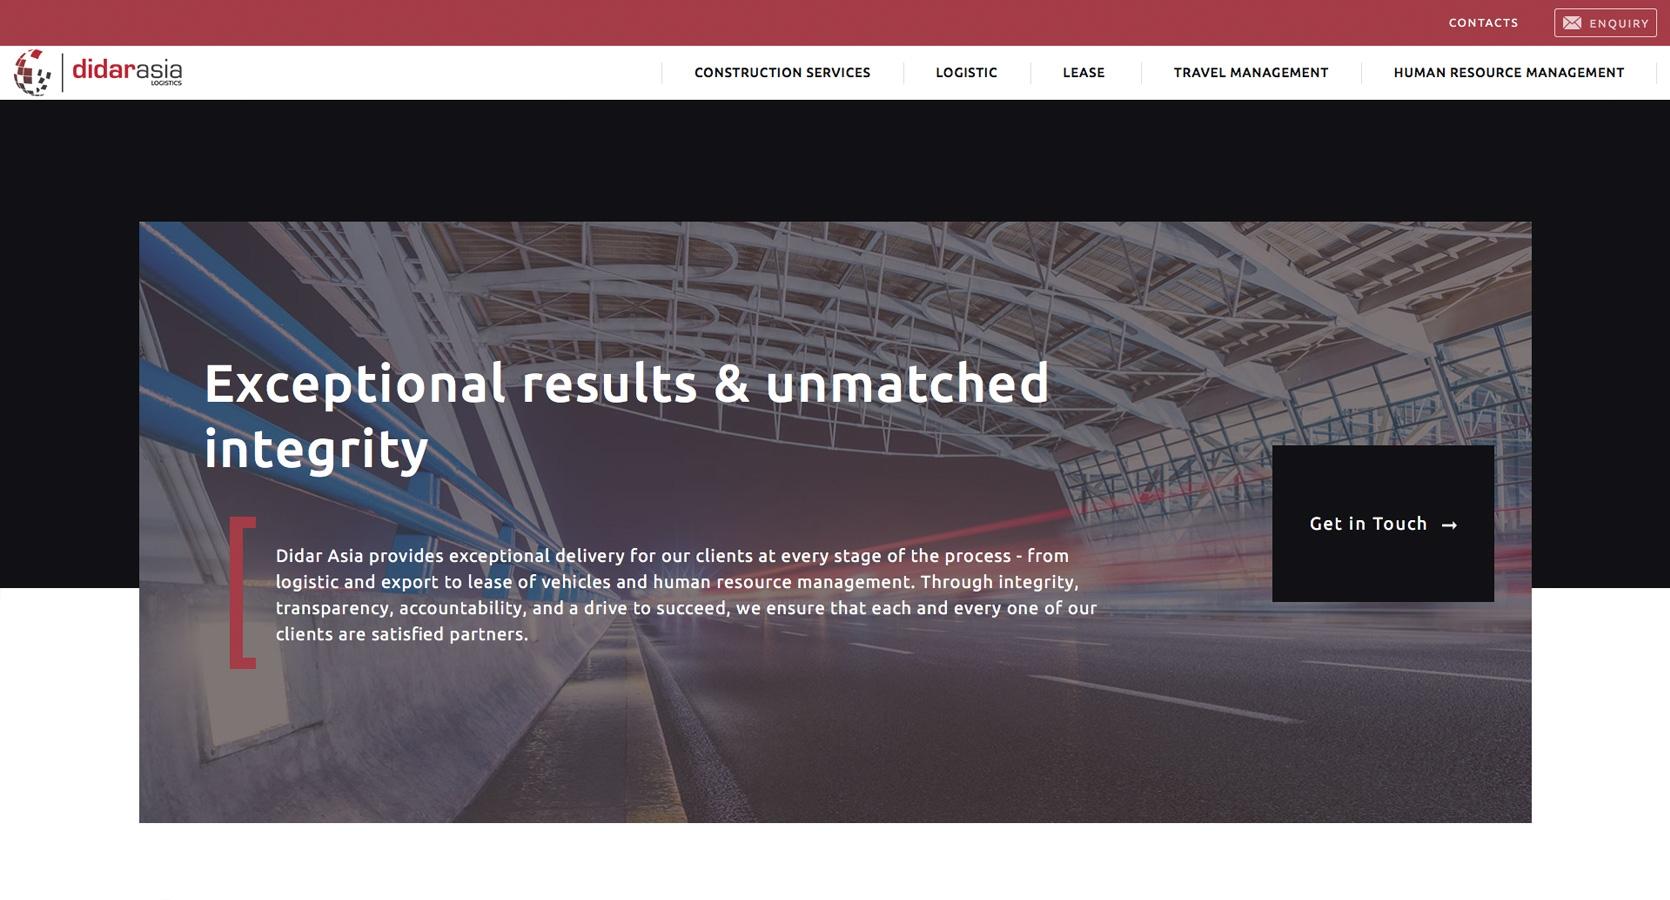 Informatyvių internetinių tinklalapių kūrimas | Unikalių internetinių tinklalapių kūrimas | PIXELART.LT